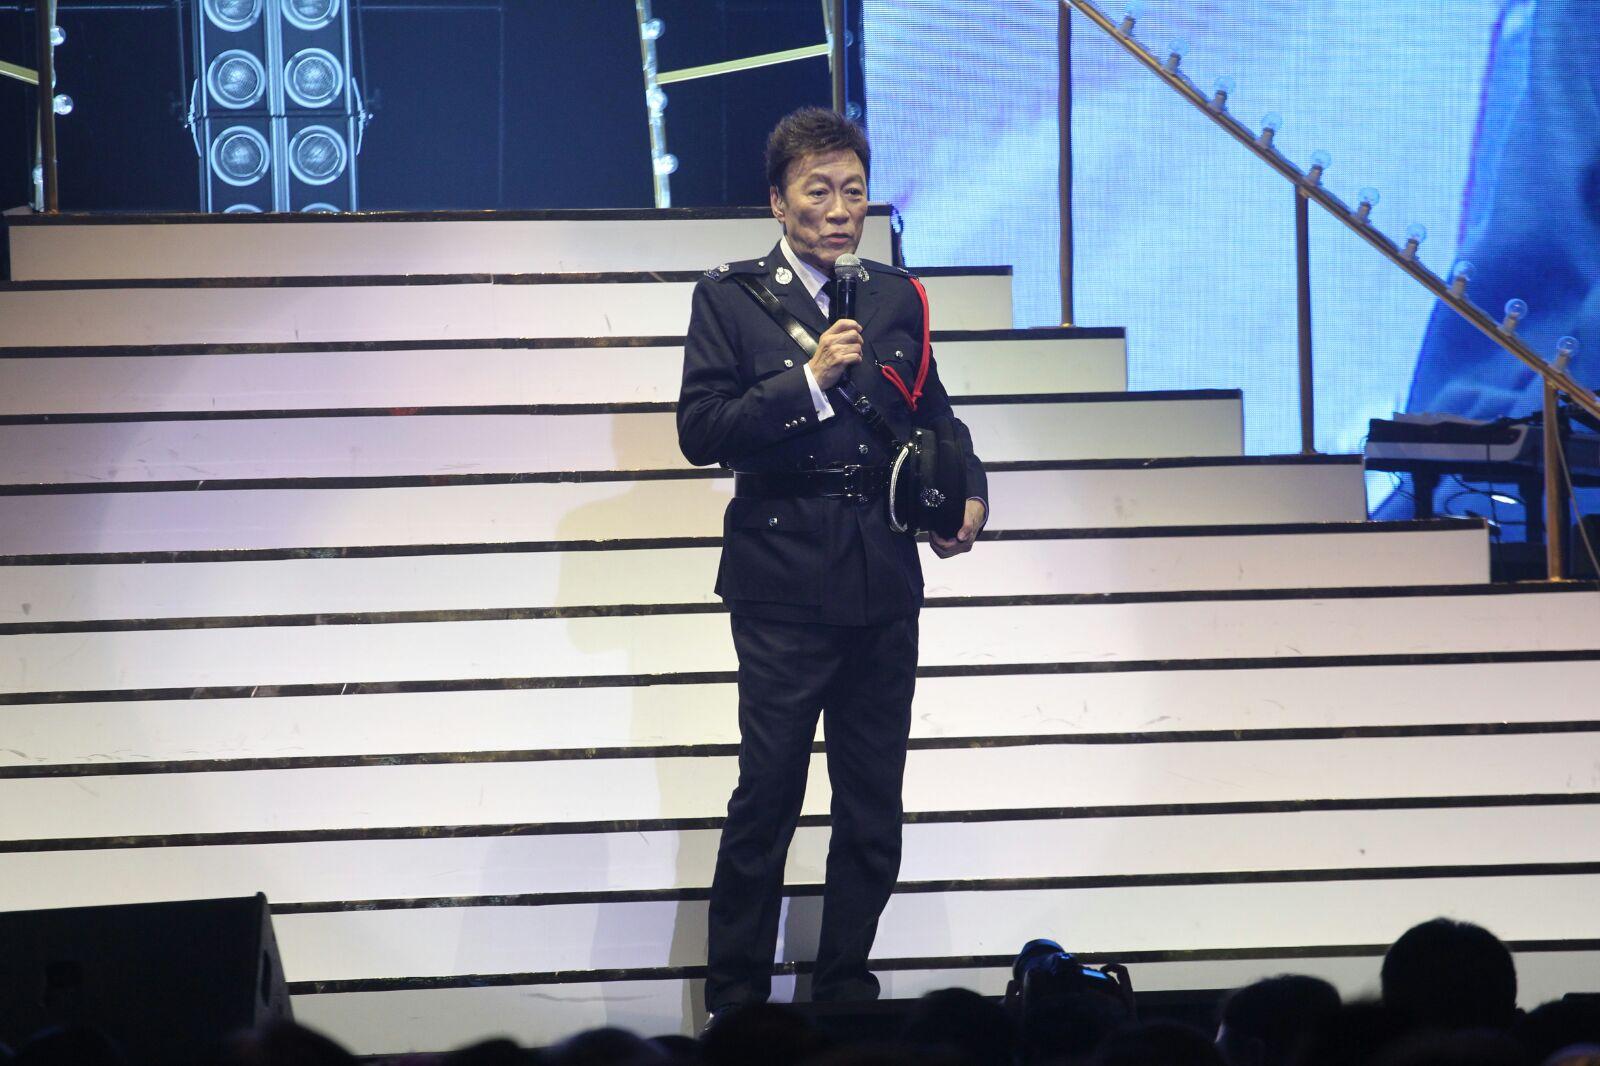 陳欣健在台上多謝楊受成打從1996年便開始聽他唱歌。